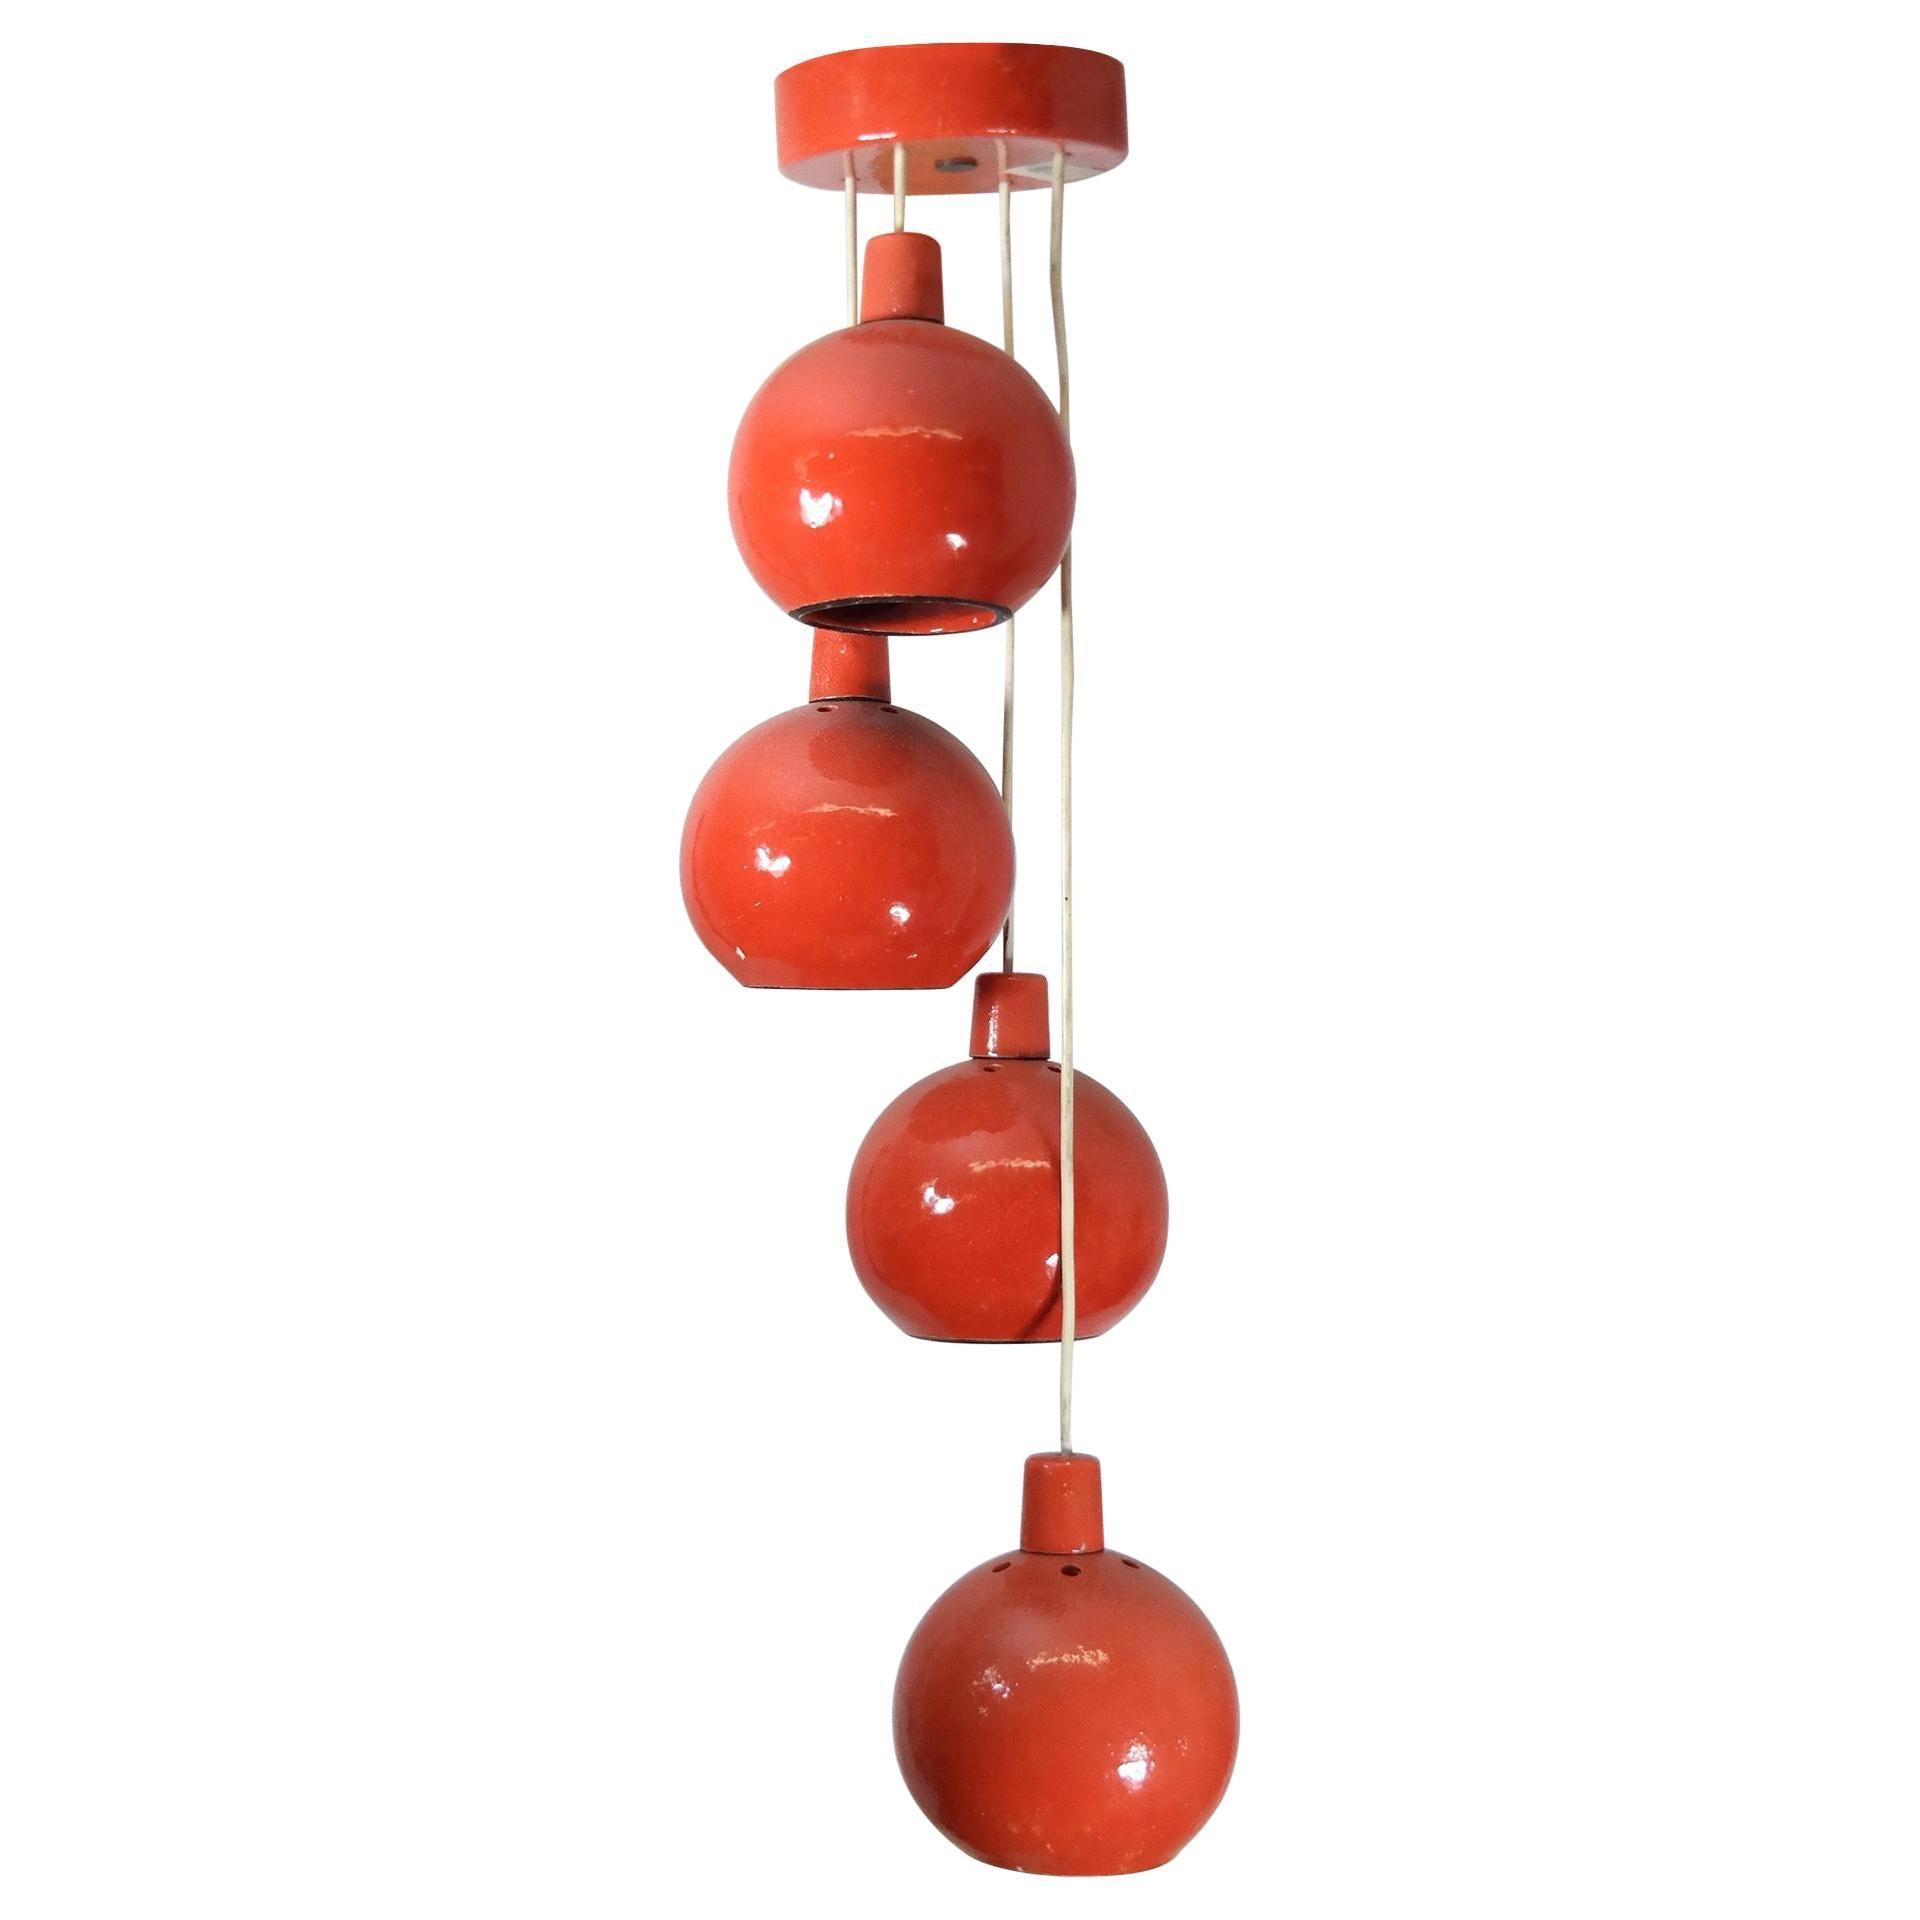 Midcentury Ceramic Ceiling Lamp